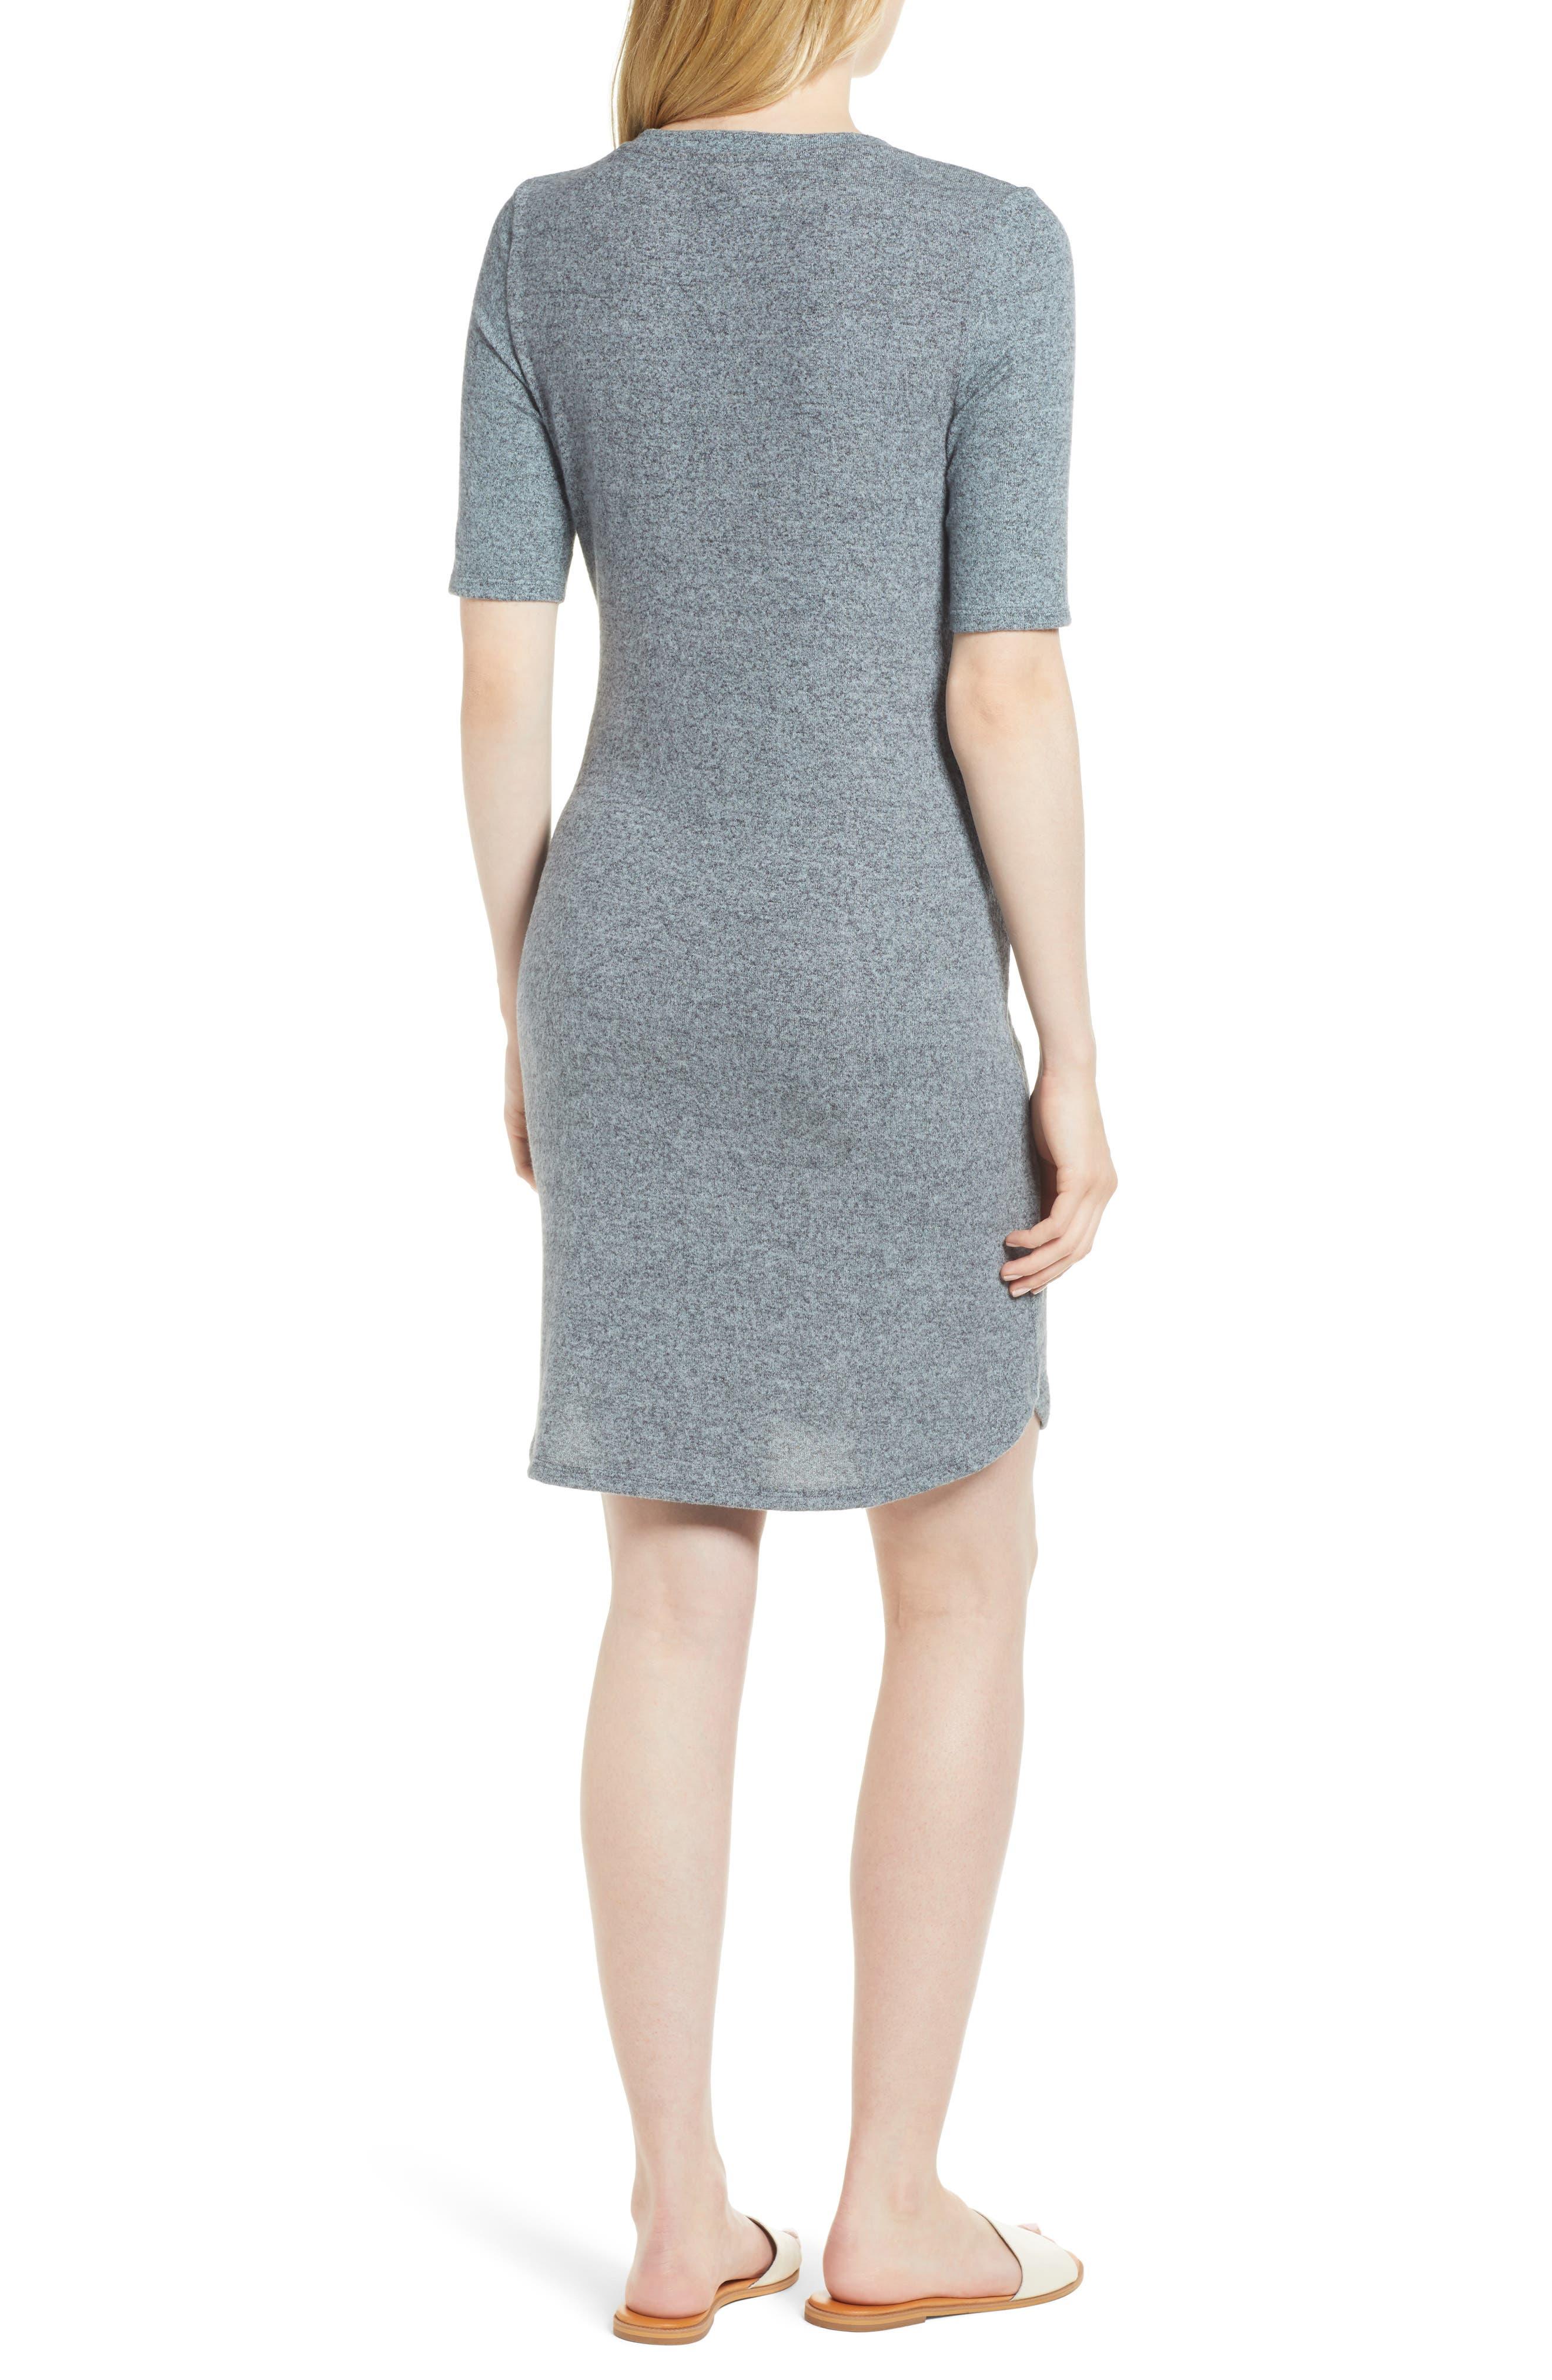 Caslon Off-Duty Tie Front Knit Dress,                             Alternate thumbnail 6, color,